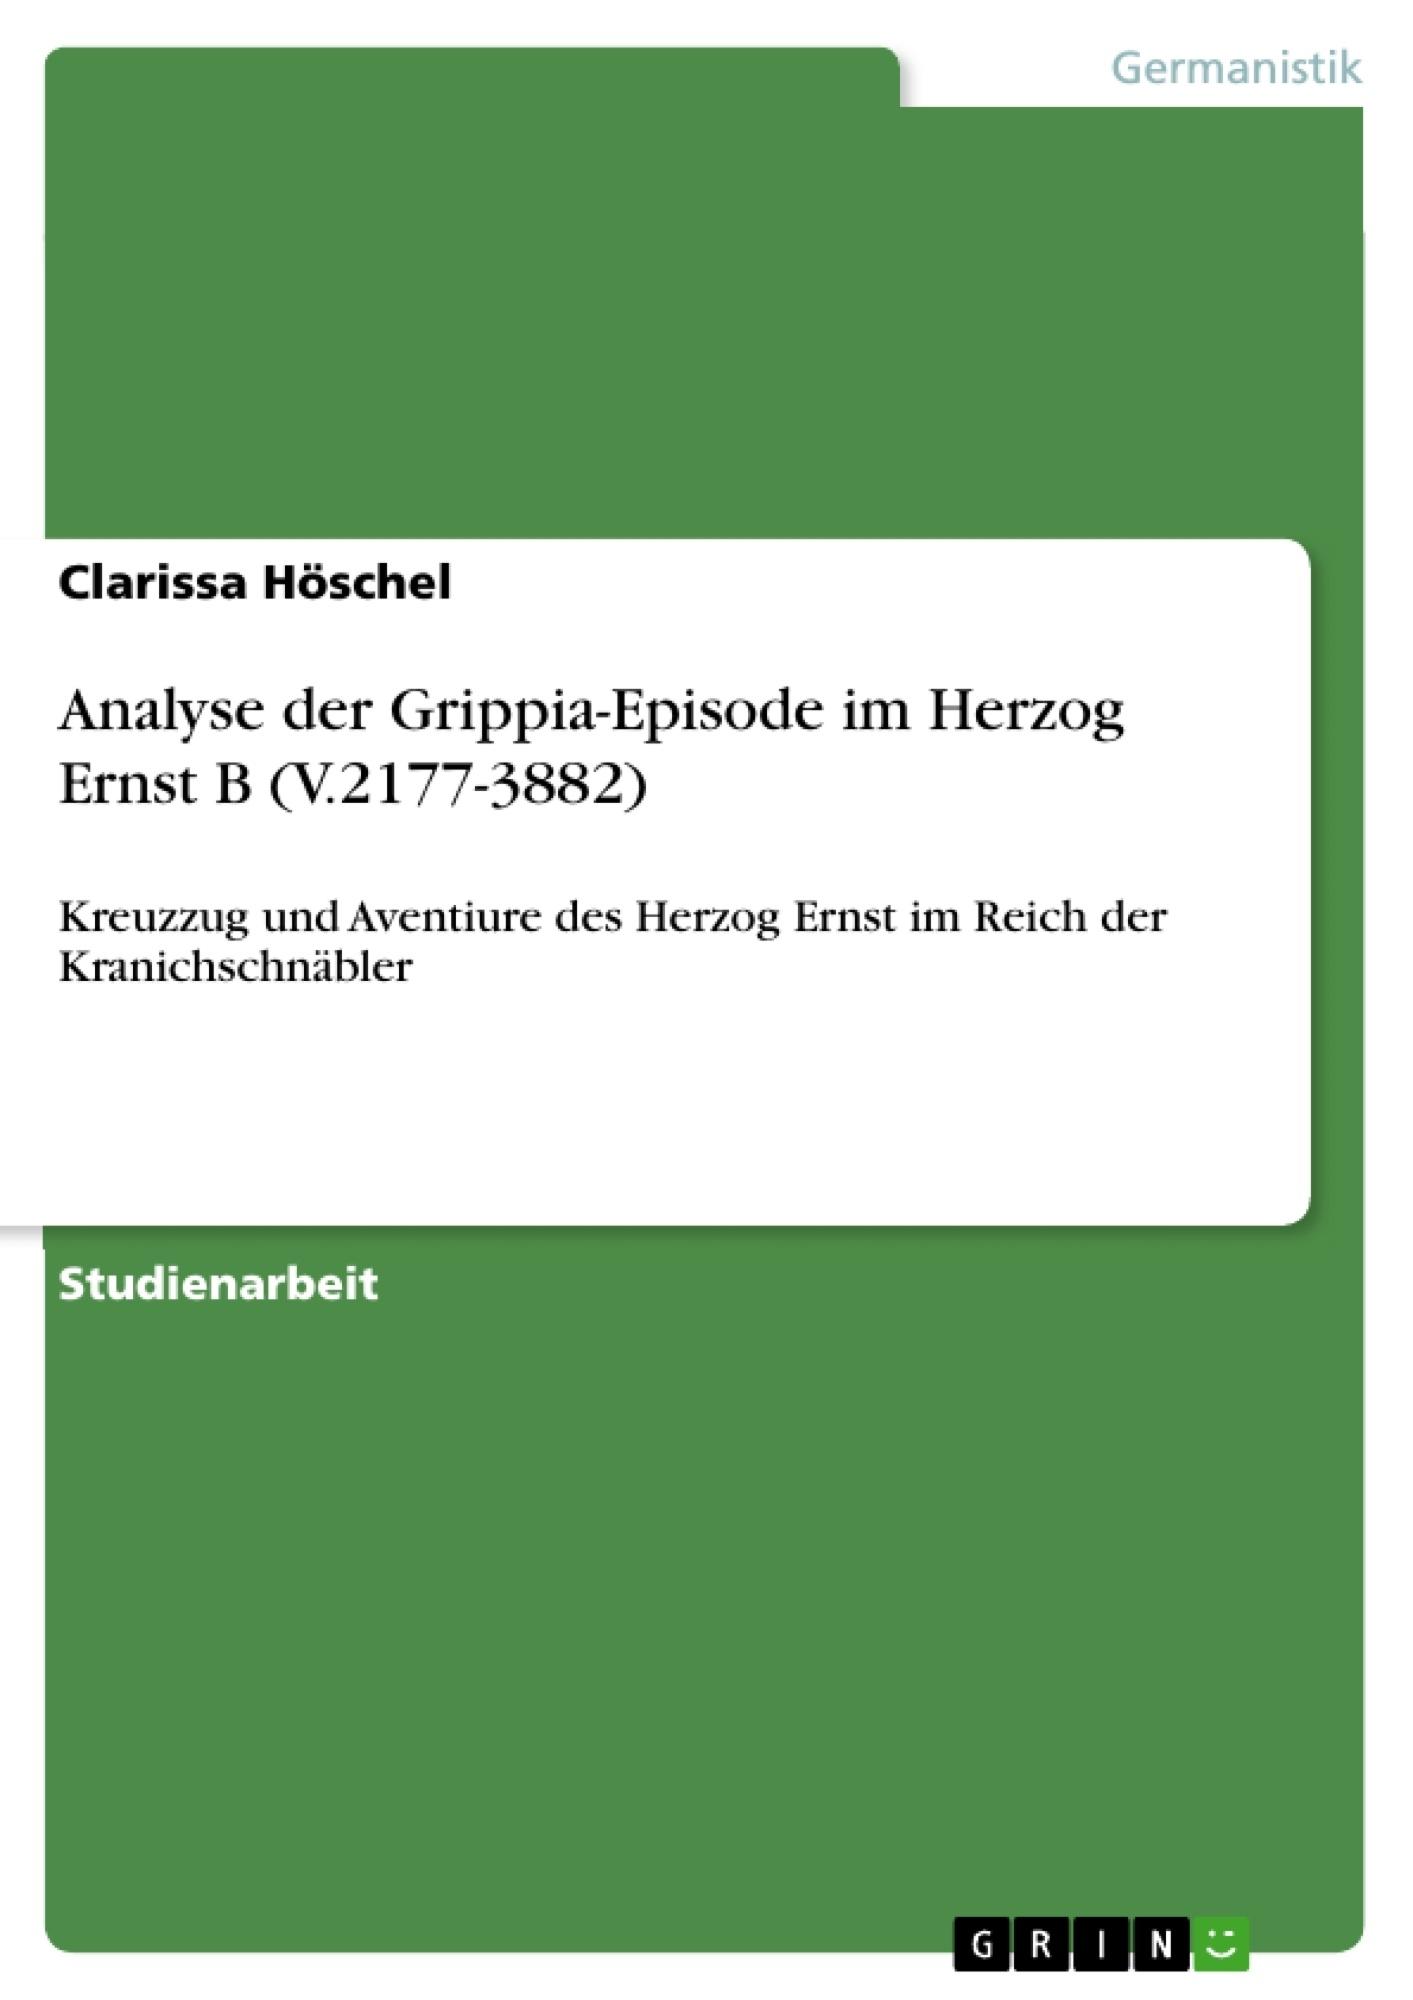 Titel: Analyse der Grippia-Episode im Herzog Ernst B (V.2177-3882)